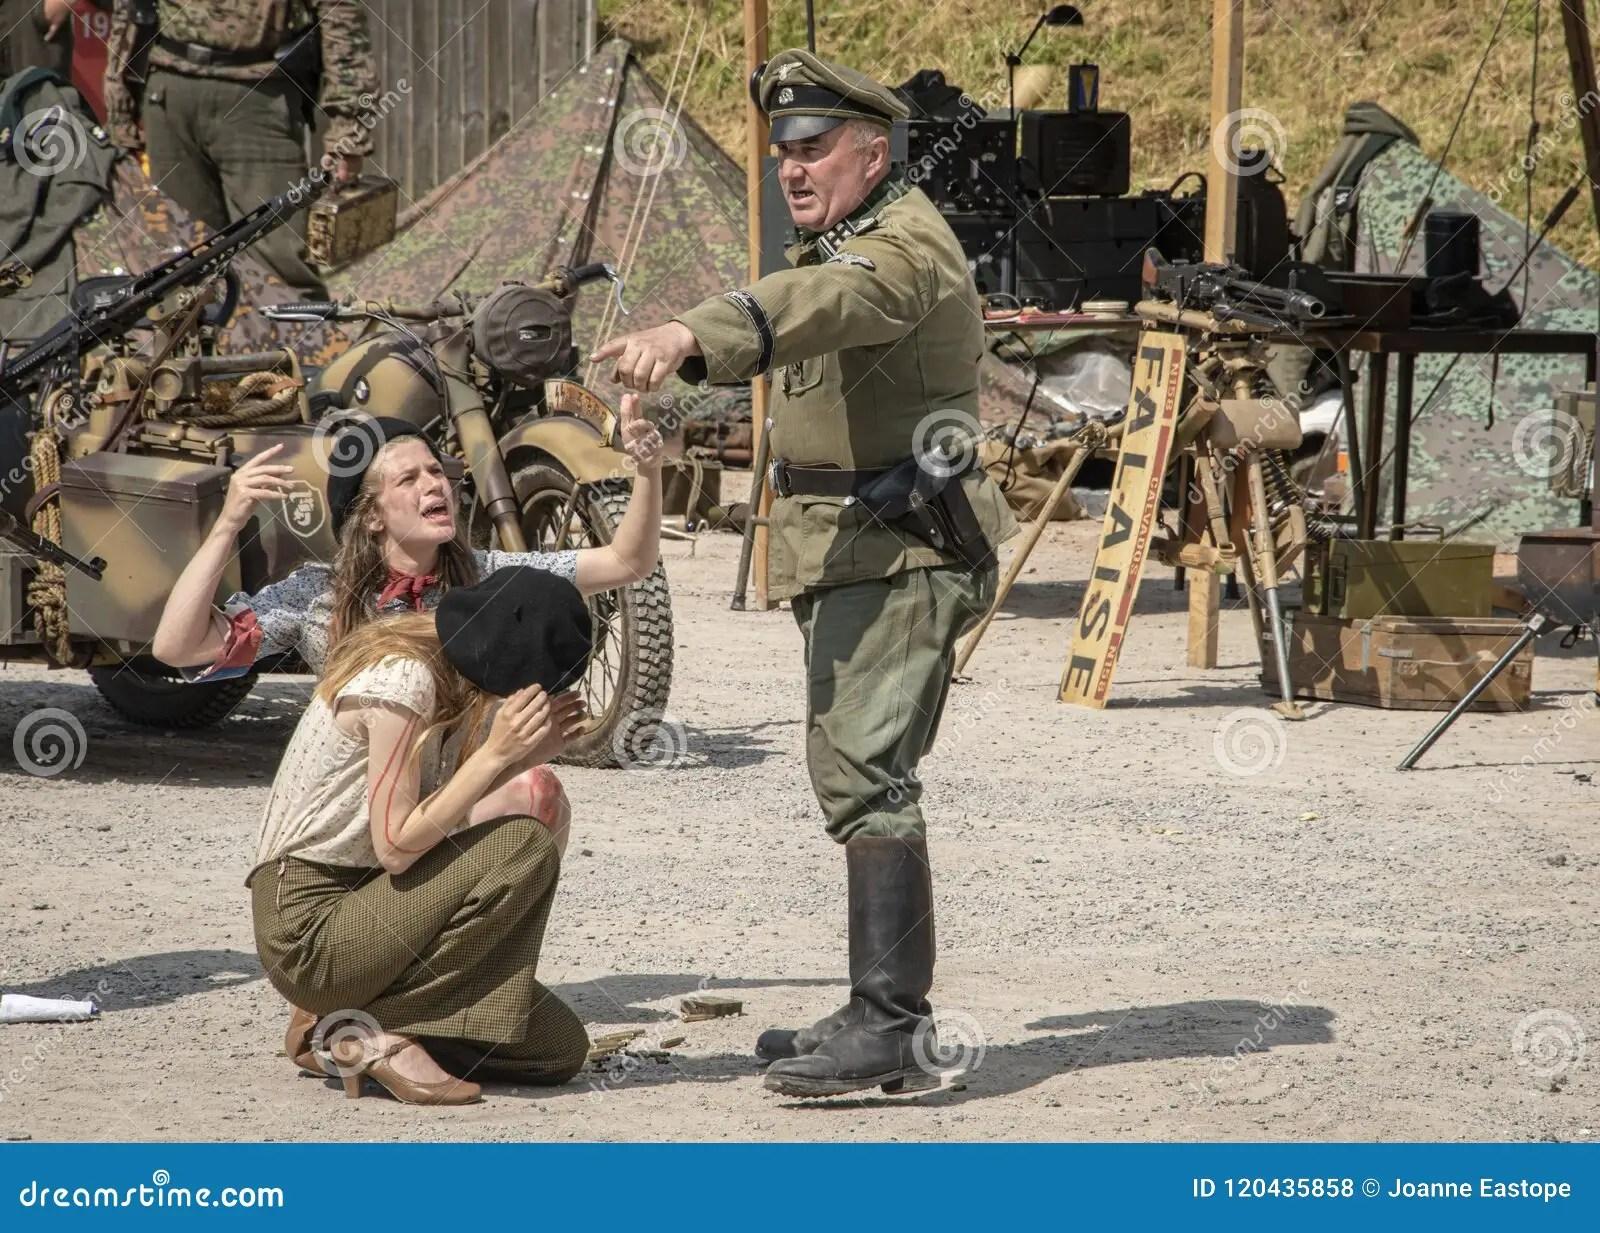 An Dressed In Ww2 German Army Uniform Threatening Female